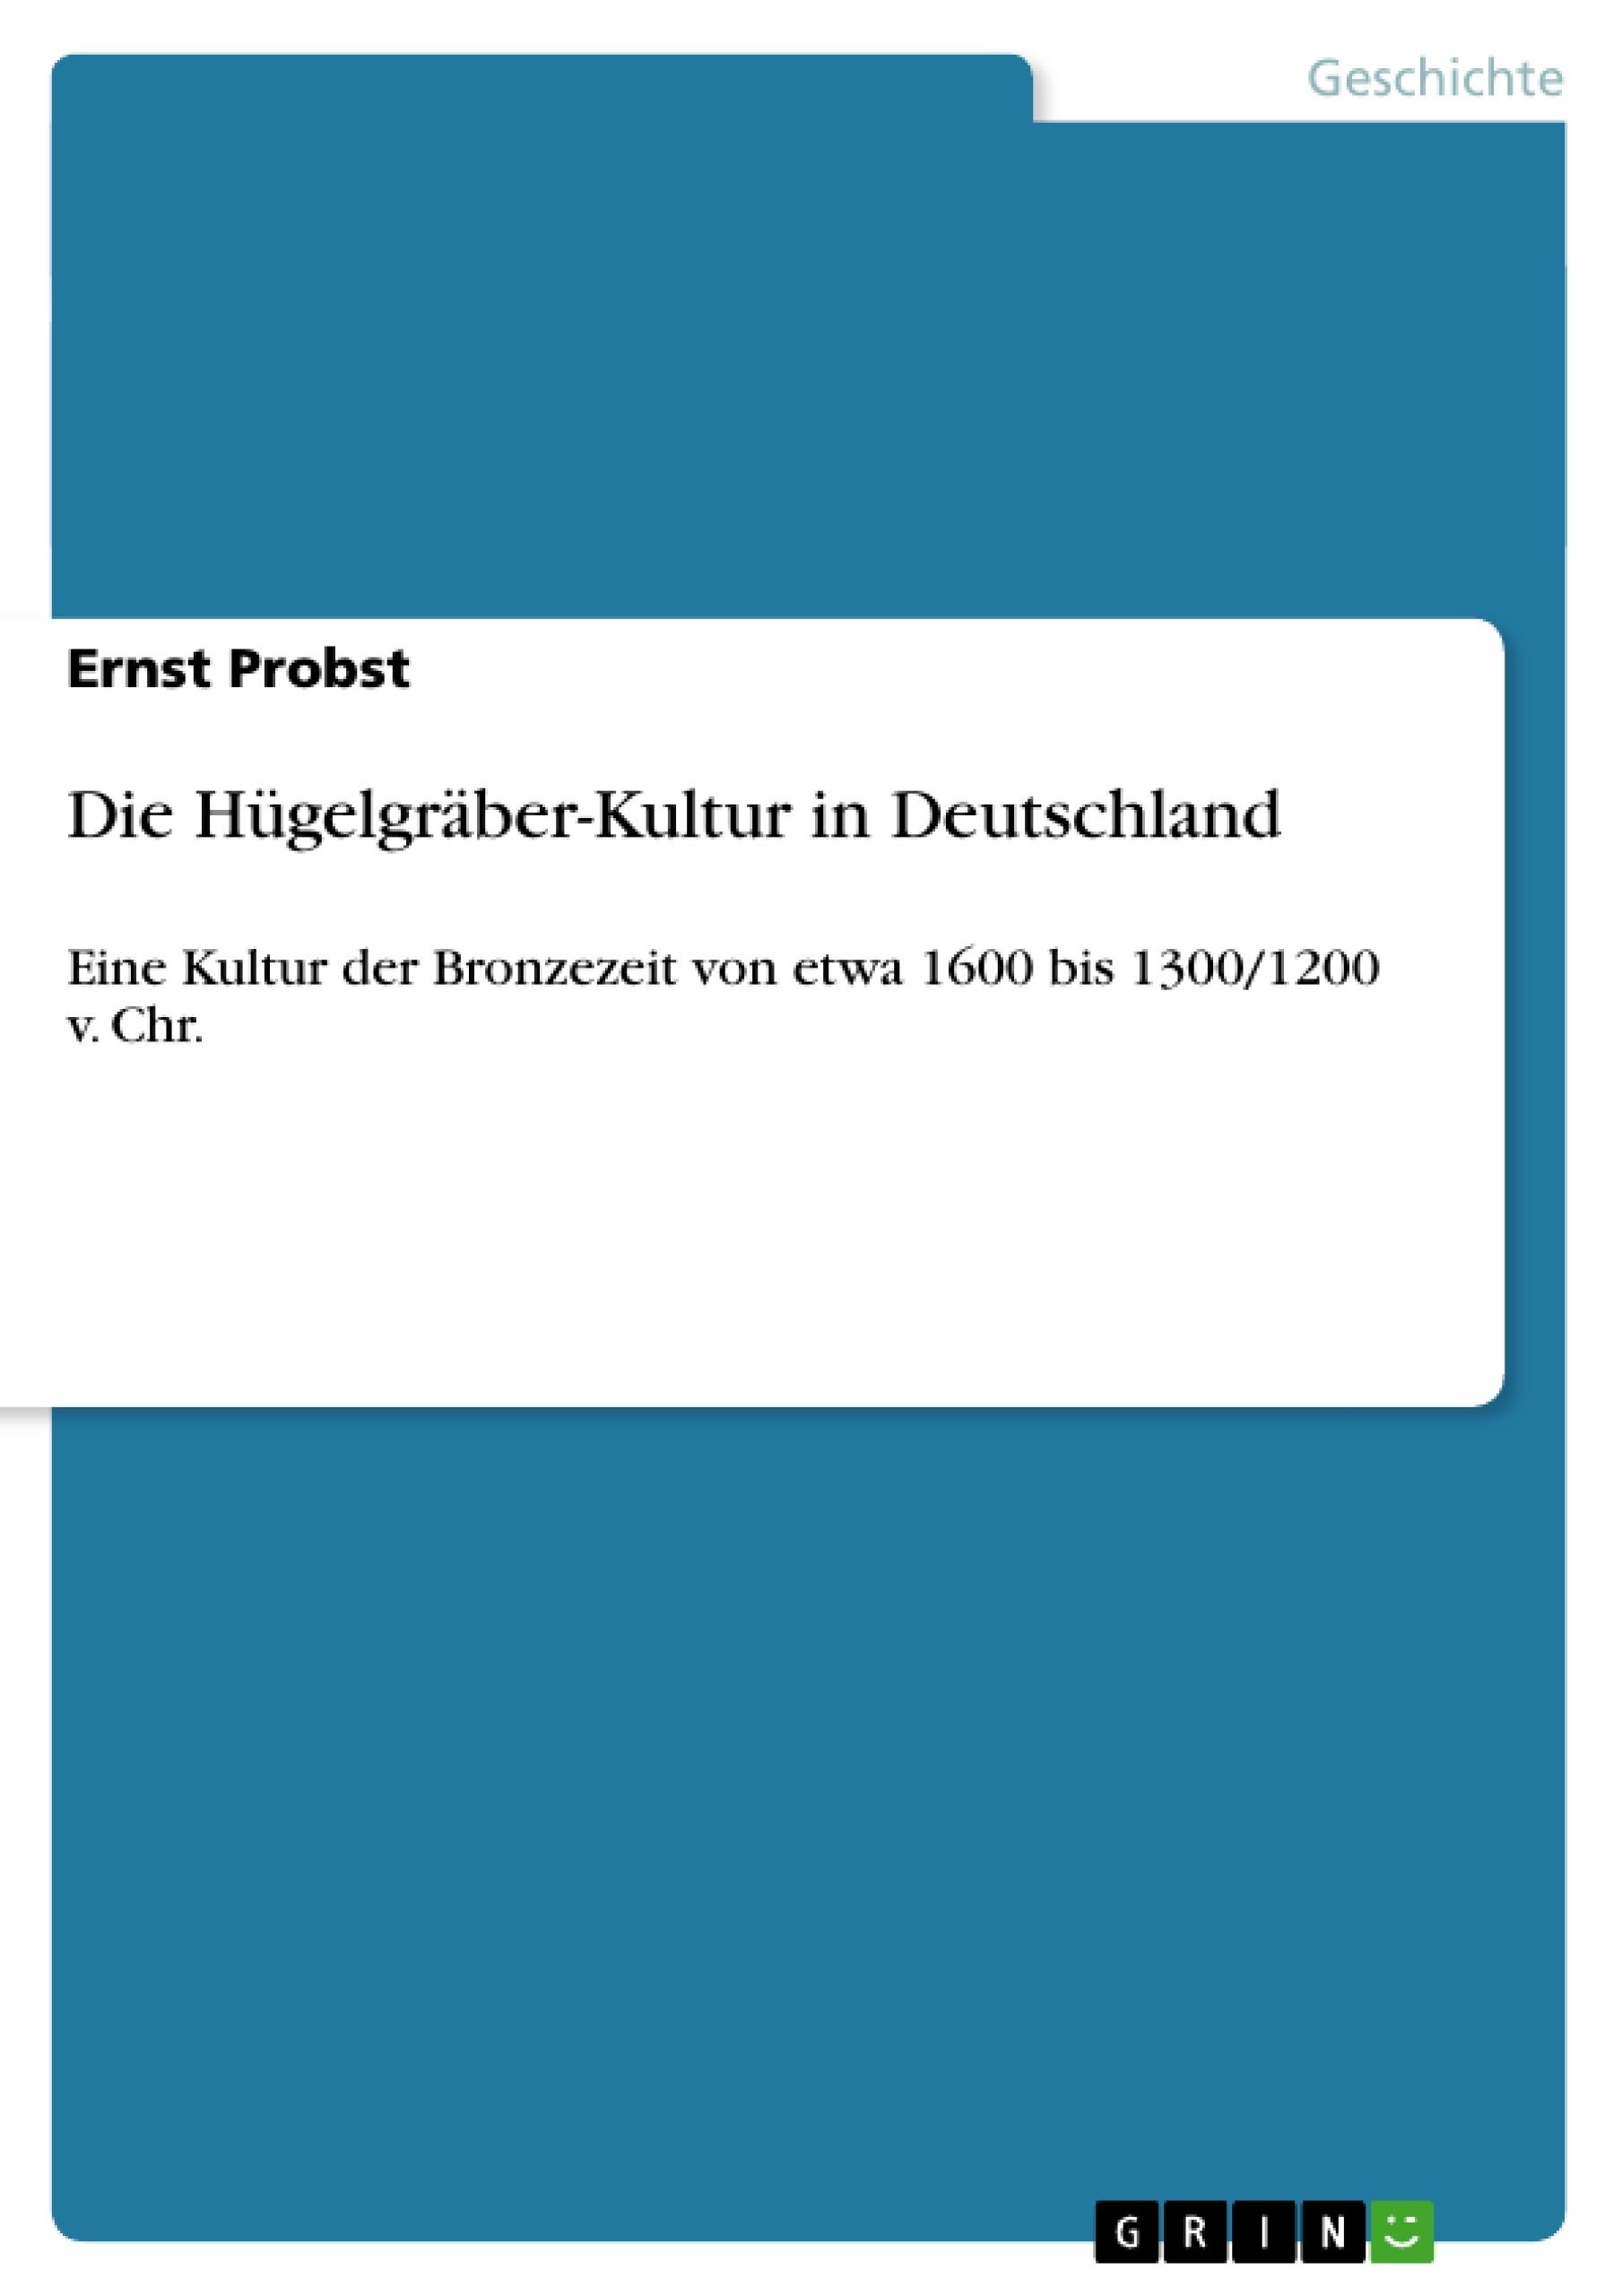 Titel: Die Hügelgräber-Kultur in Deutschland